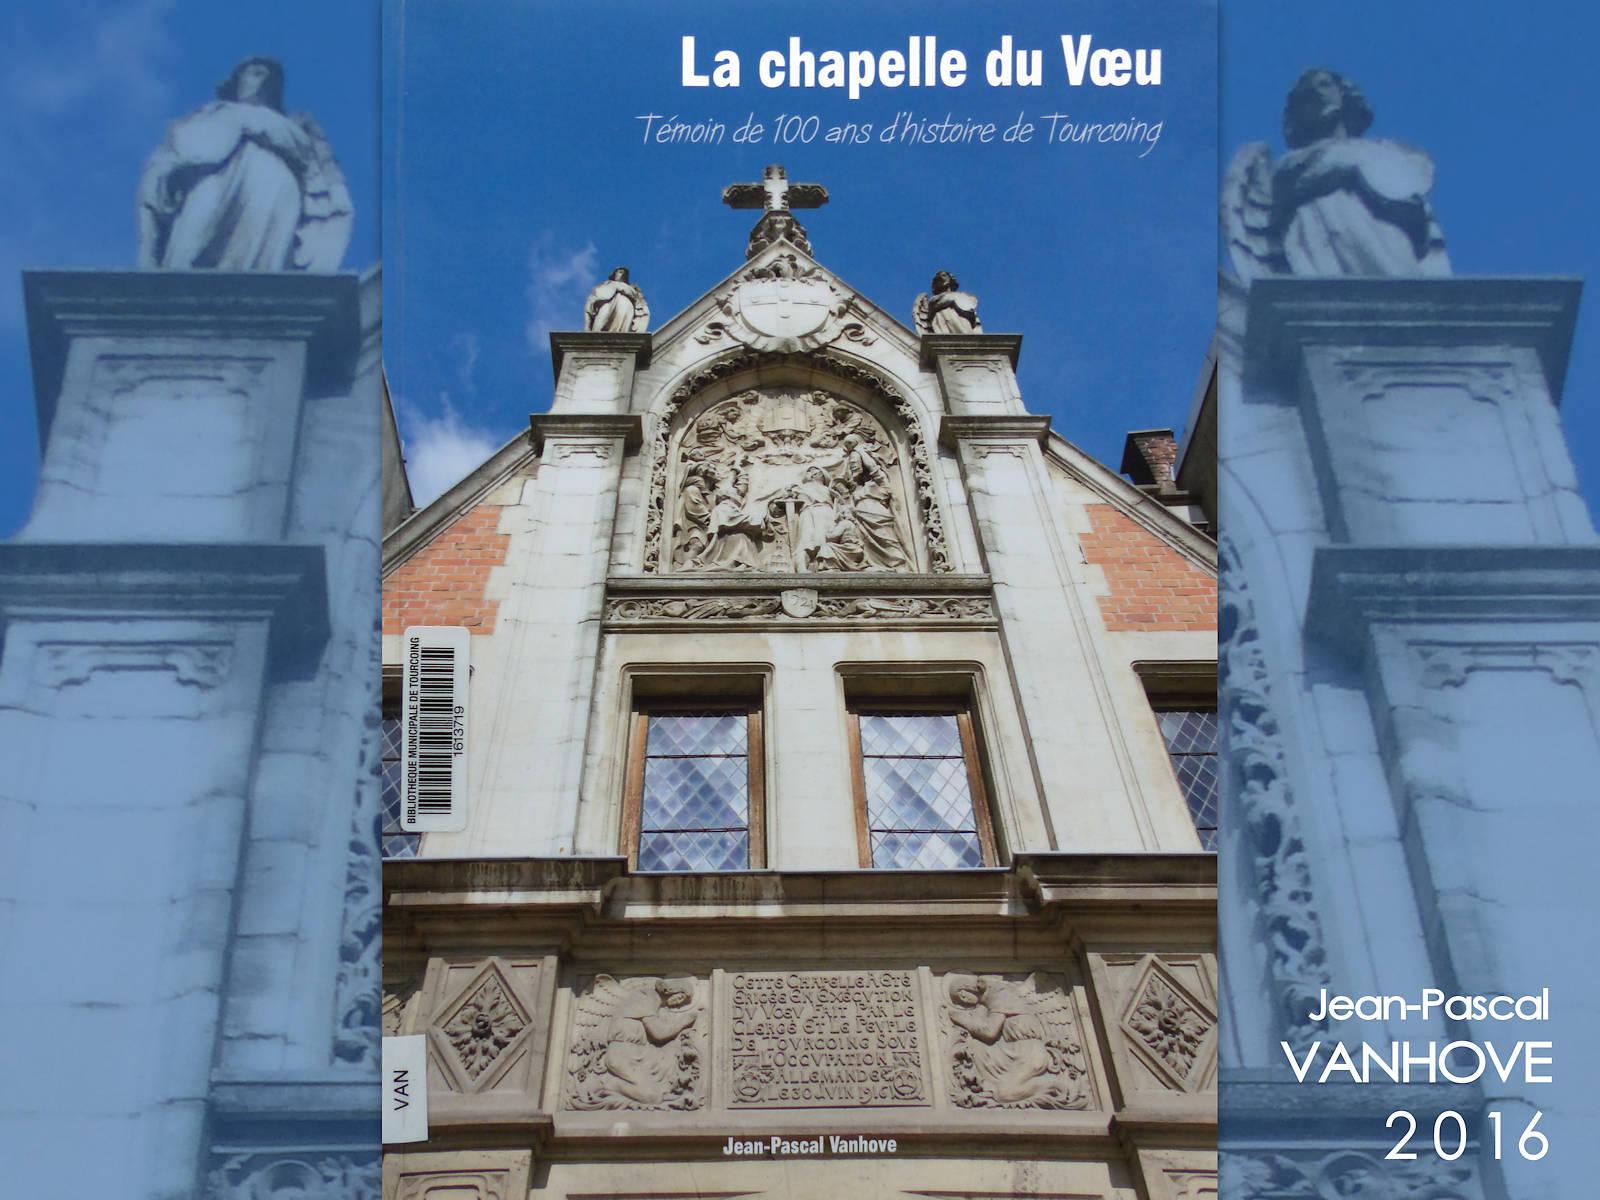 Couverture du Livre La Chapelle du Voeu, Vanhove.